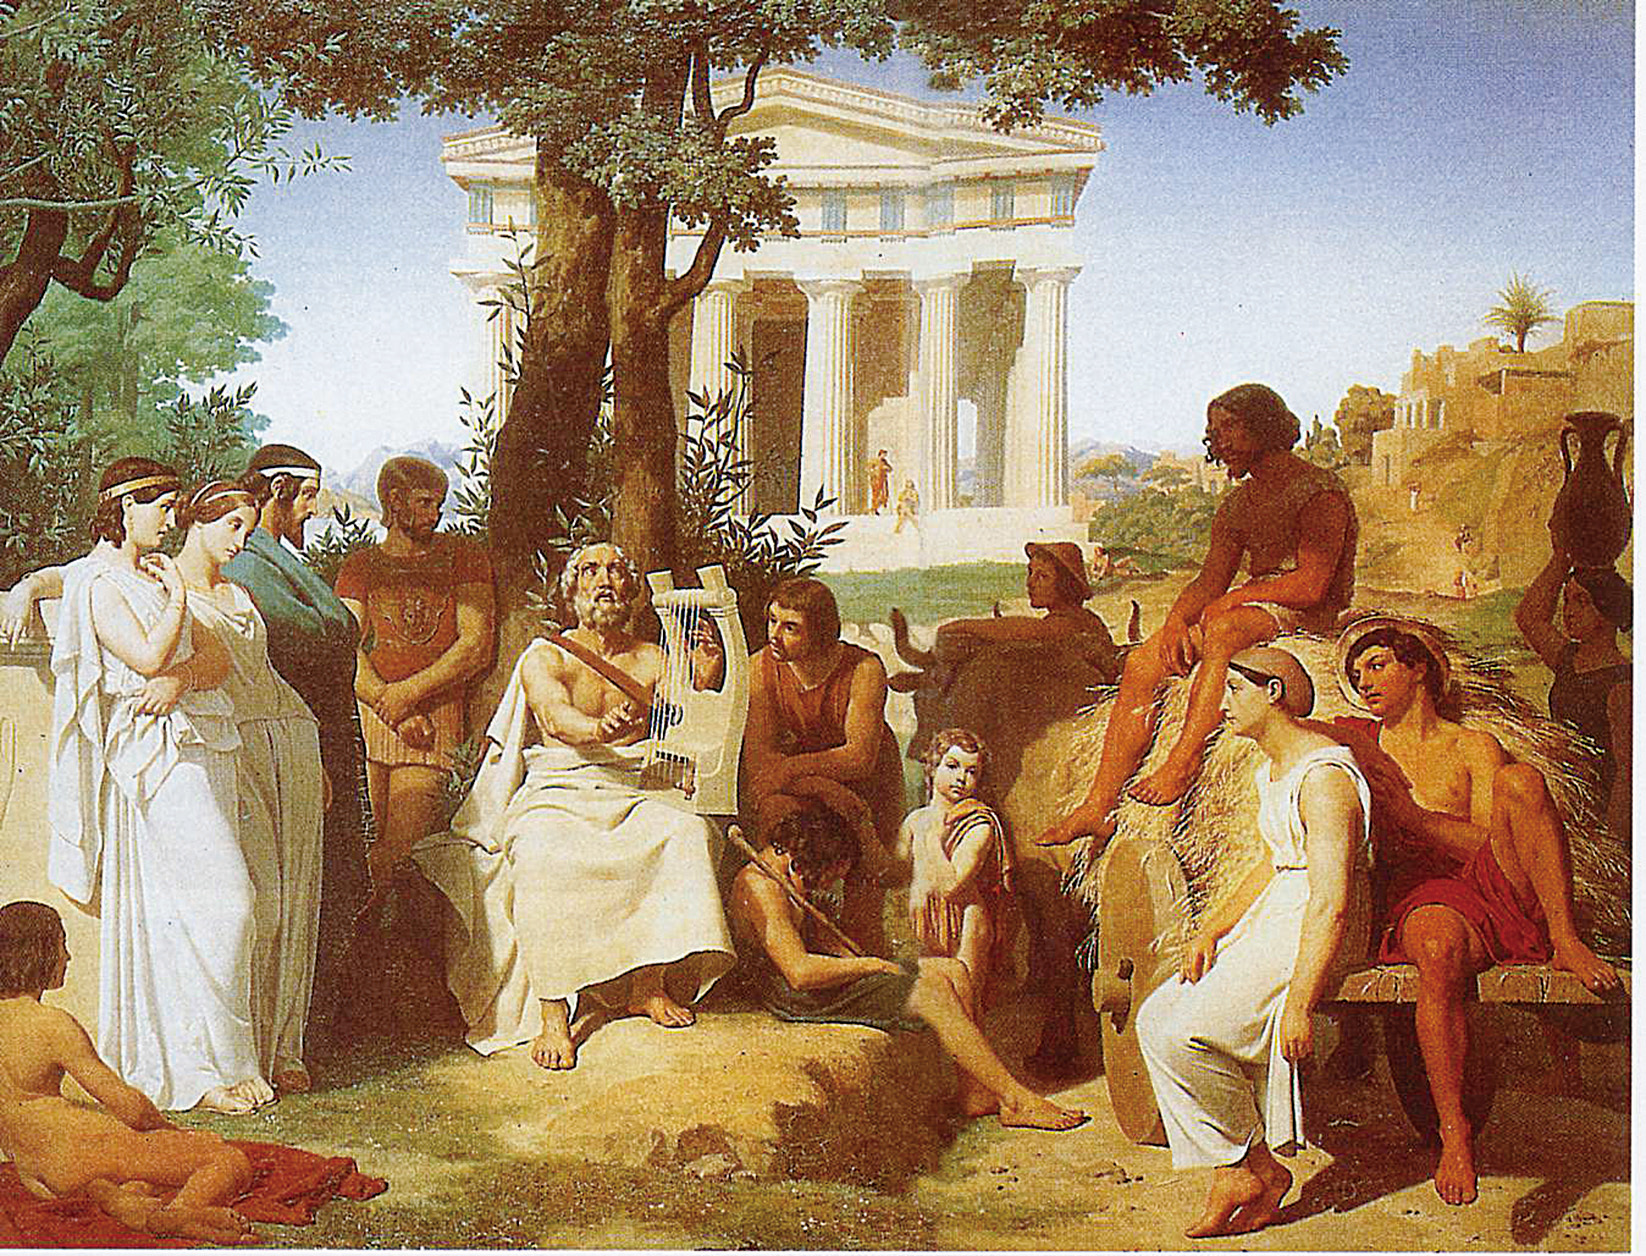 考古挖掘證實了 《荷馬史詩》的真實性